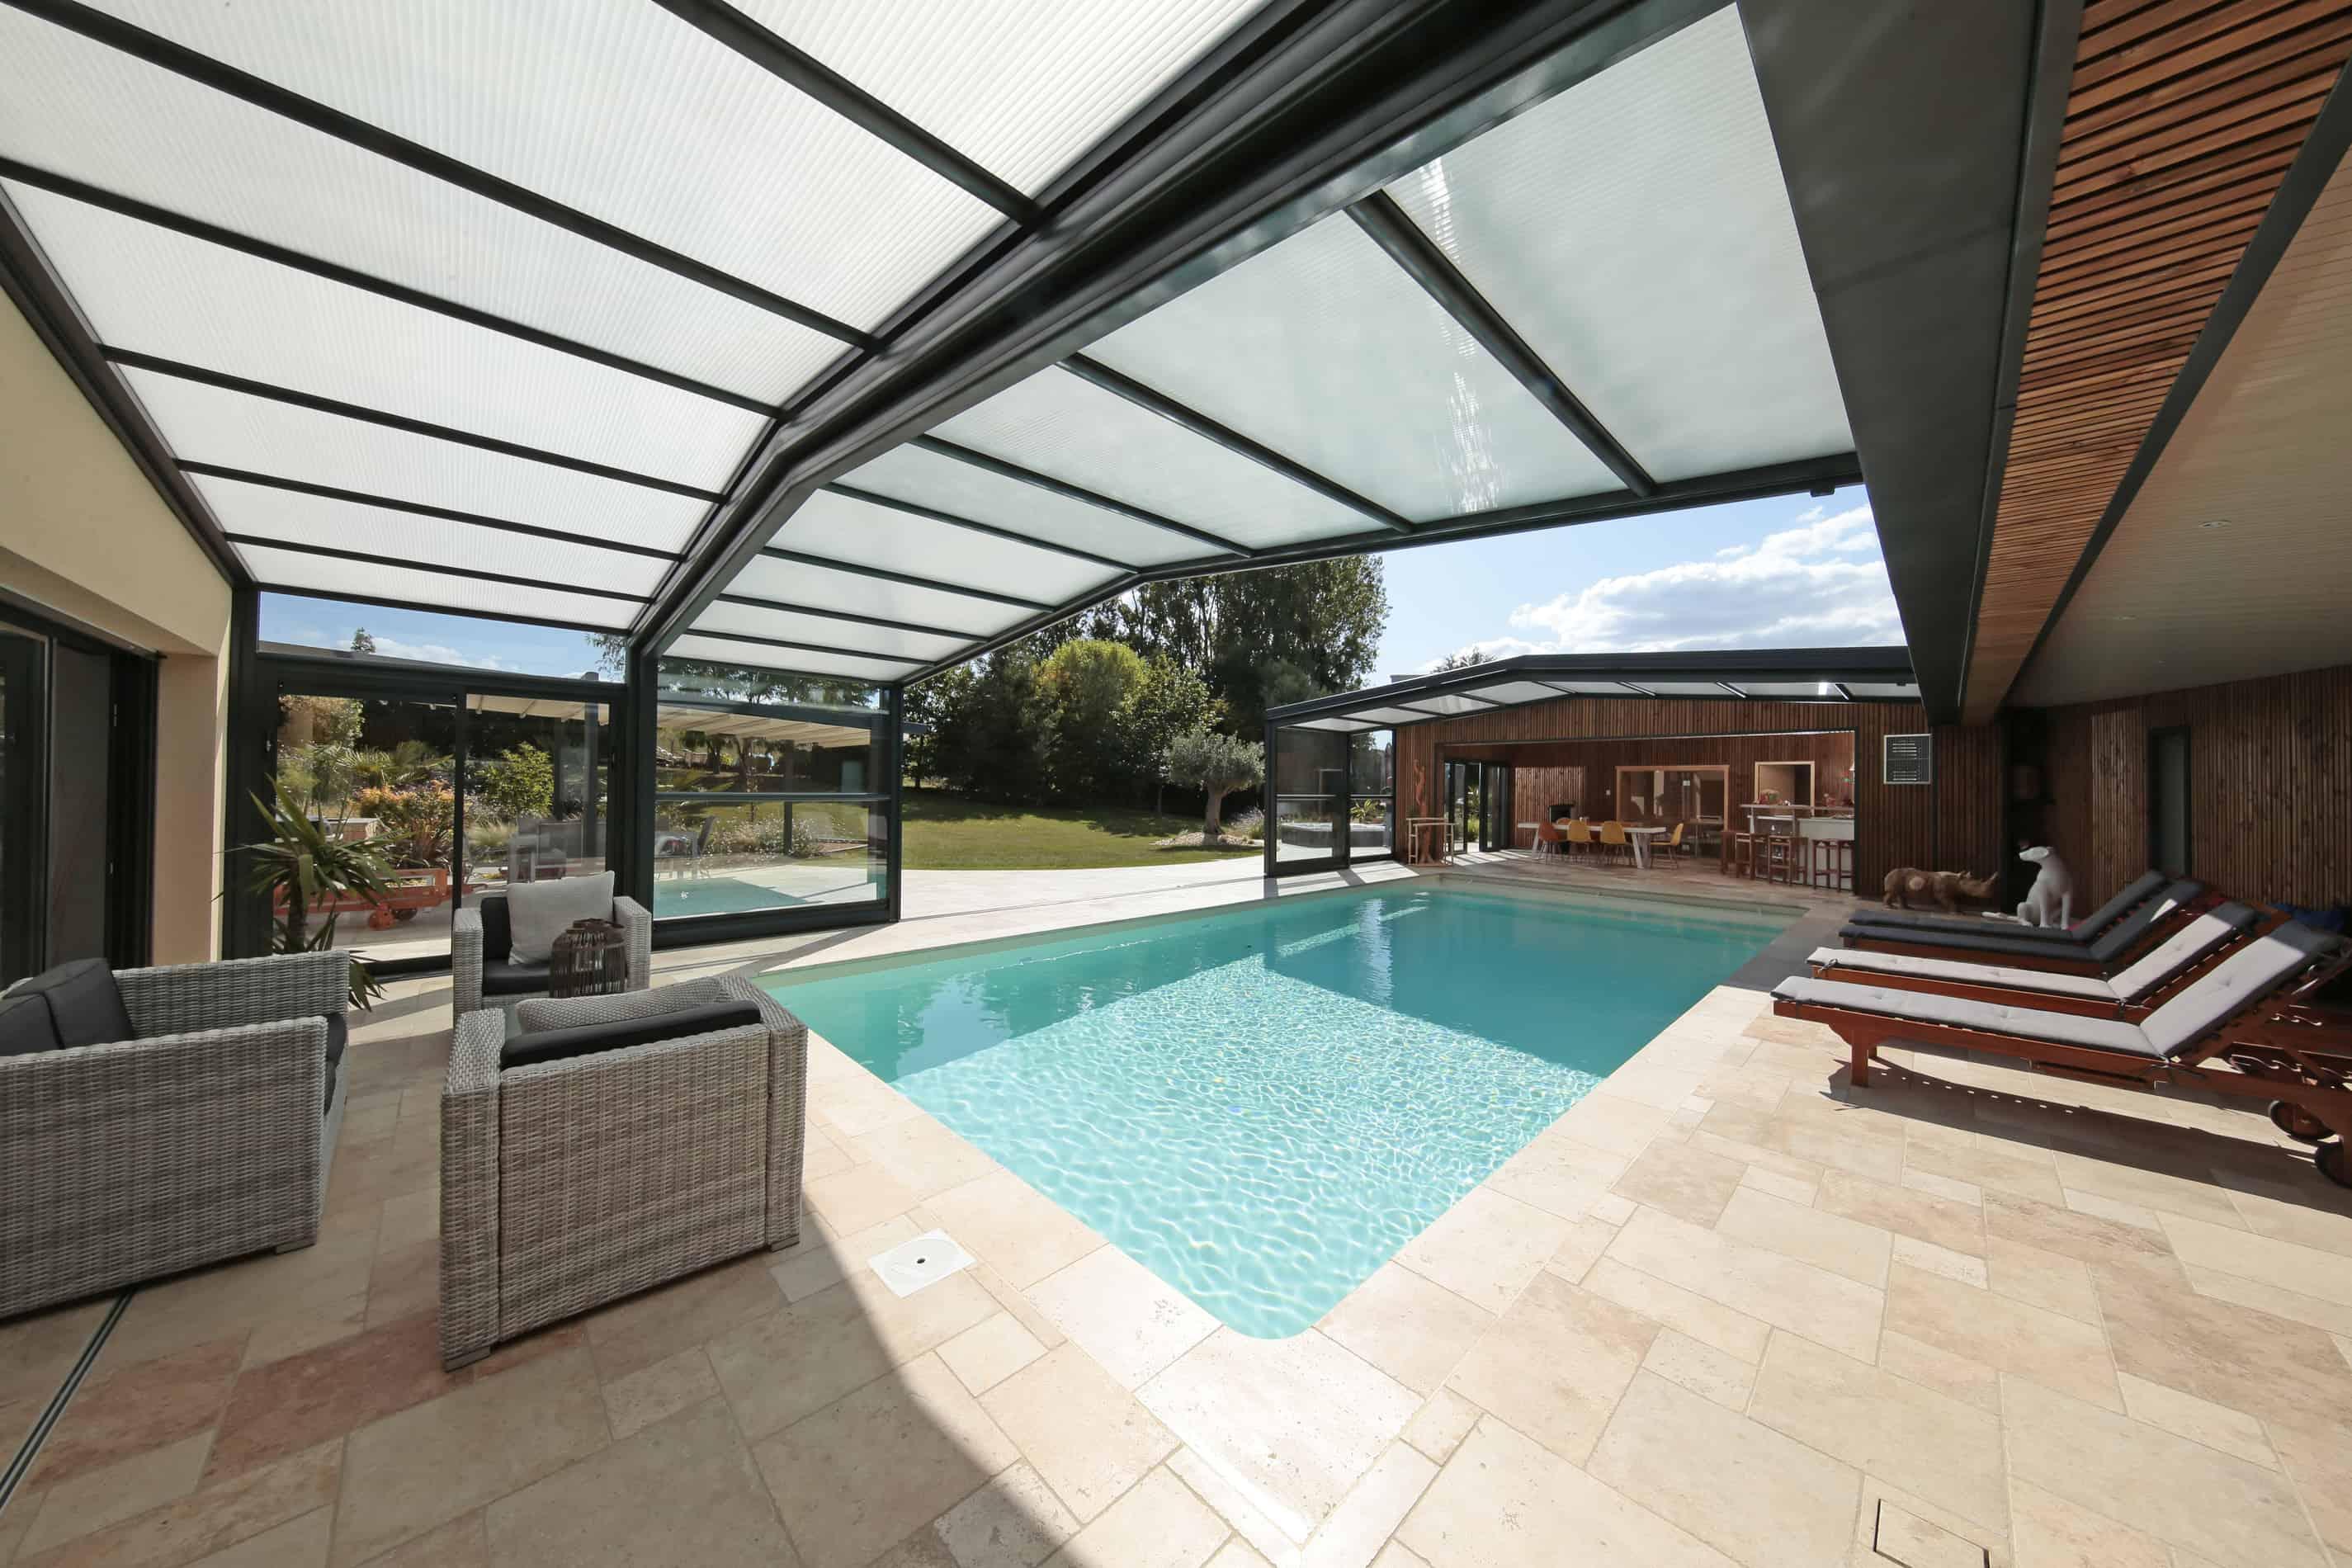 abri de piscine Verand'abris renoval blog deco